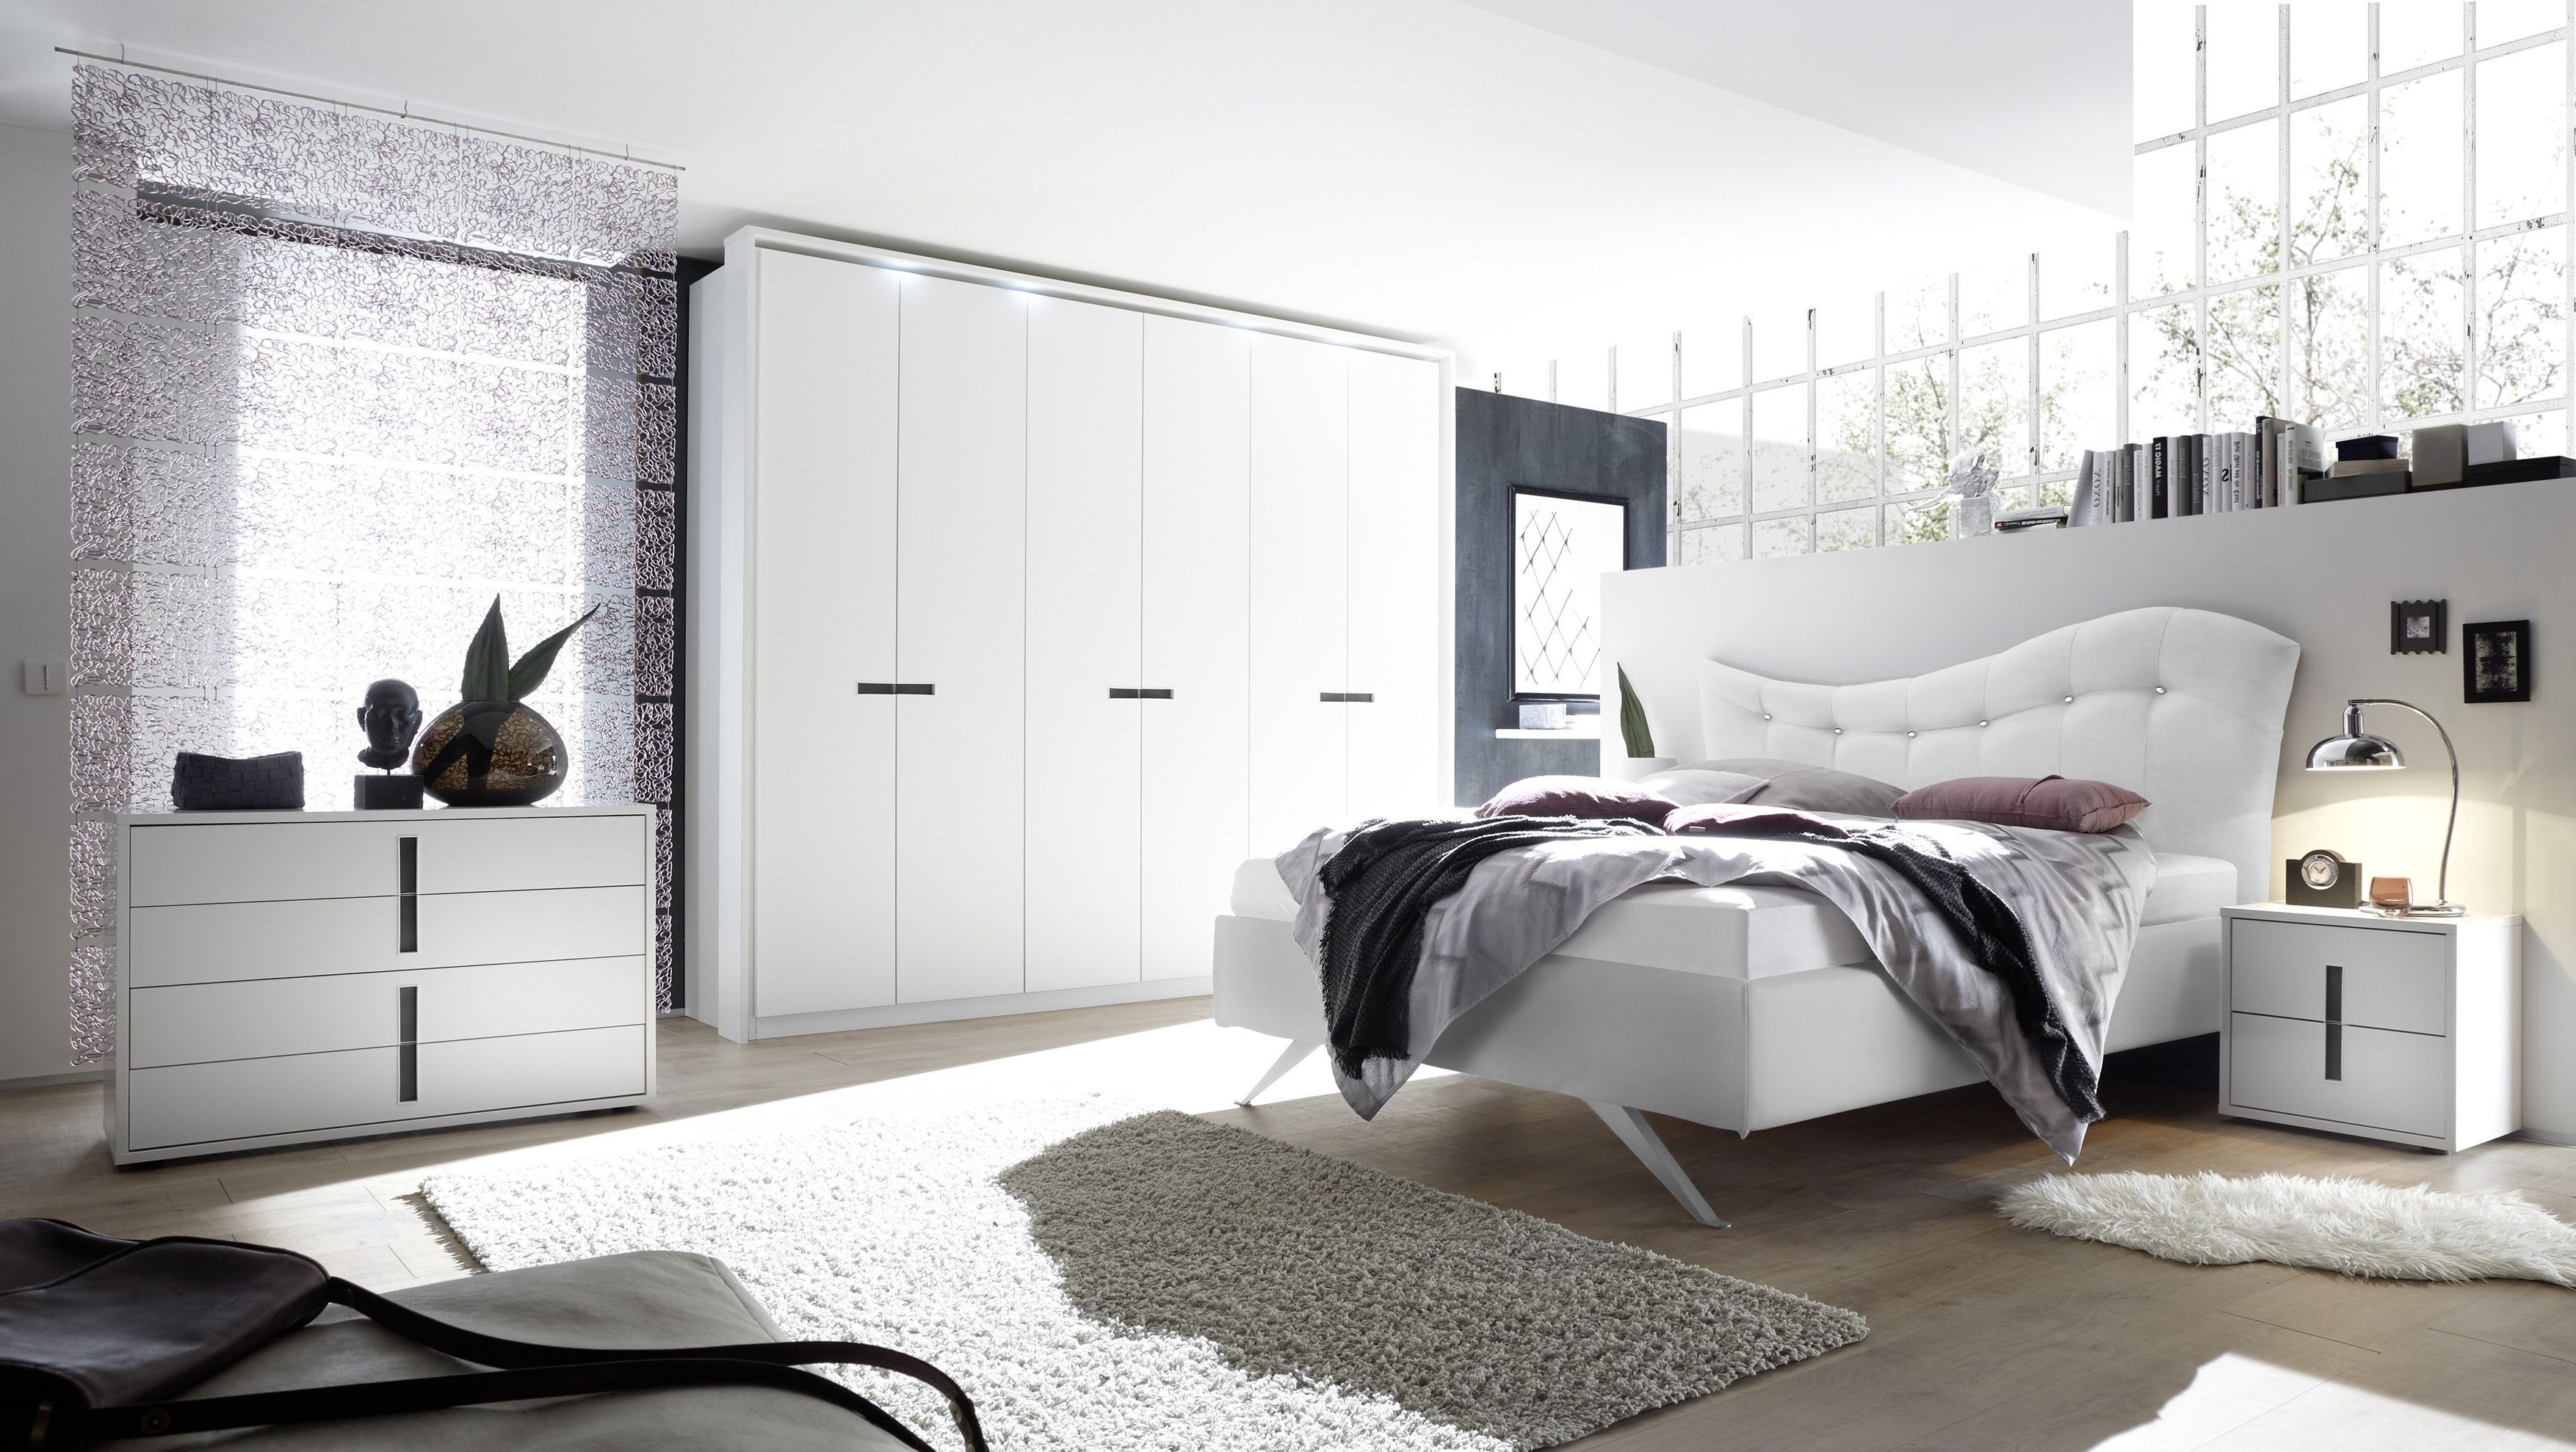 Schlafzimmermöbel Weiß #6380 | Made House Decor